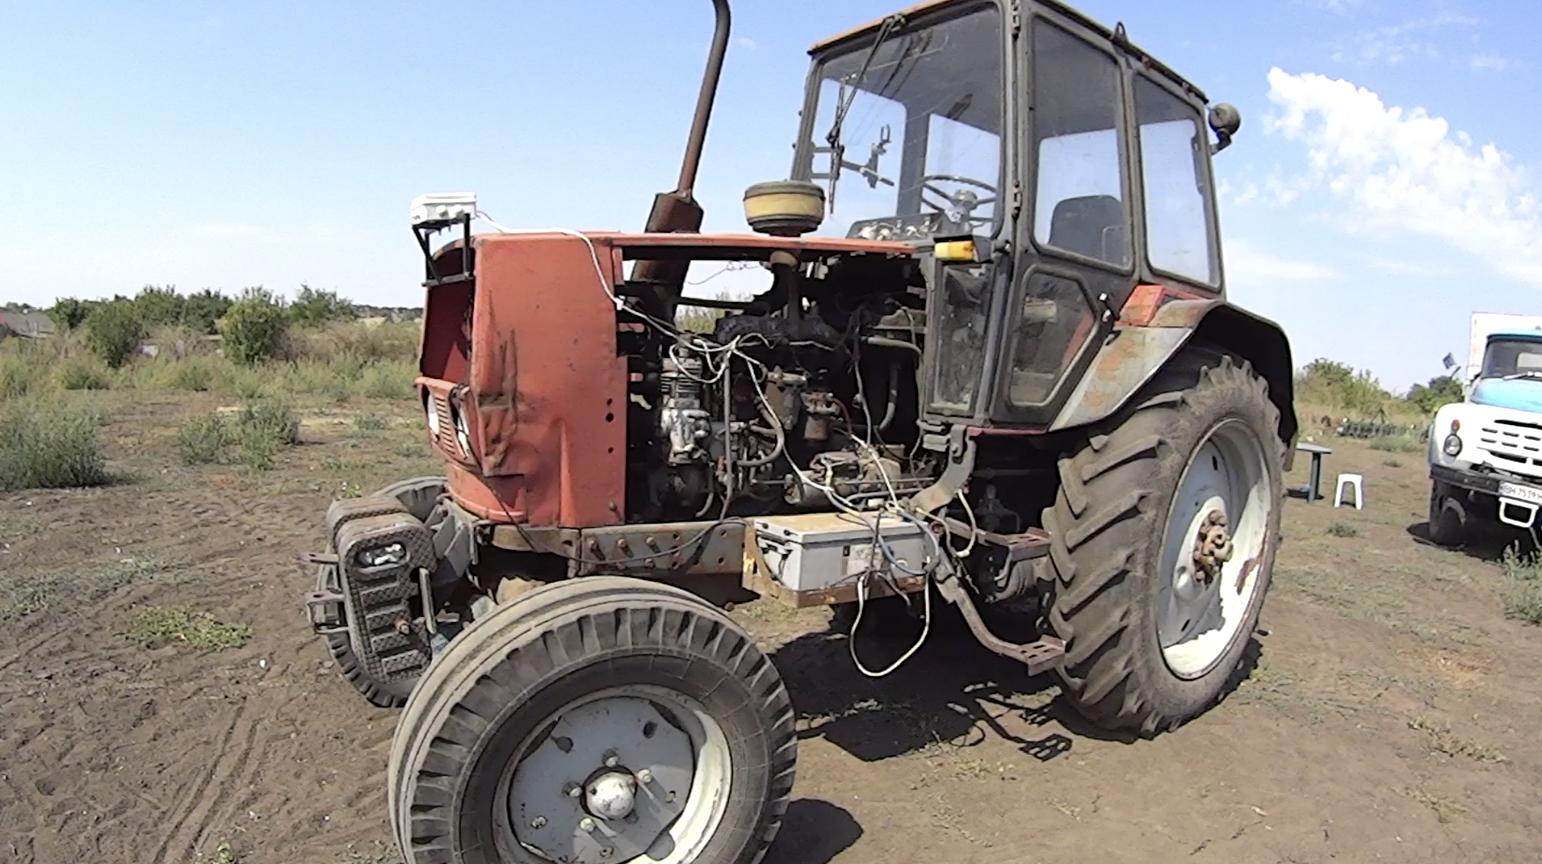 Сельские хакеры сделали комбайн-гибрид и трактор с автопилотом (4 фото + 2 гифки)